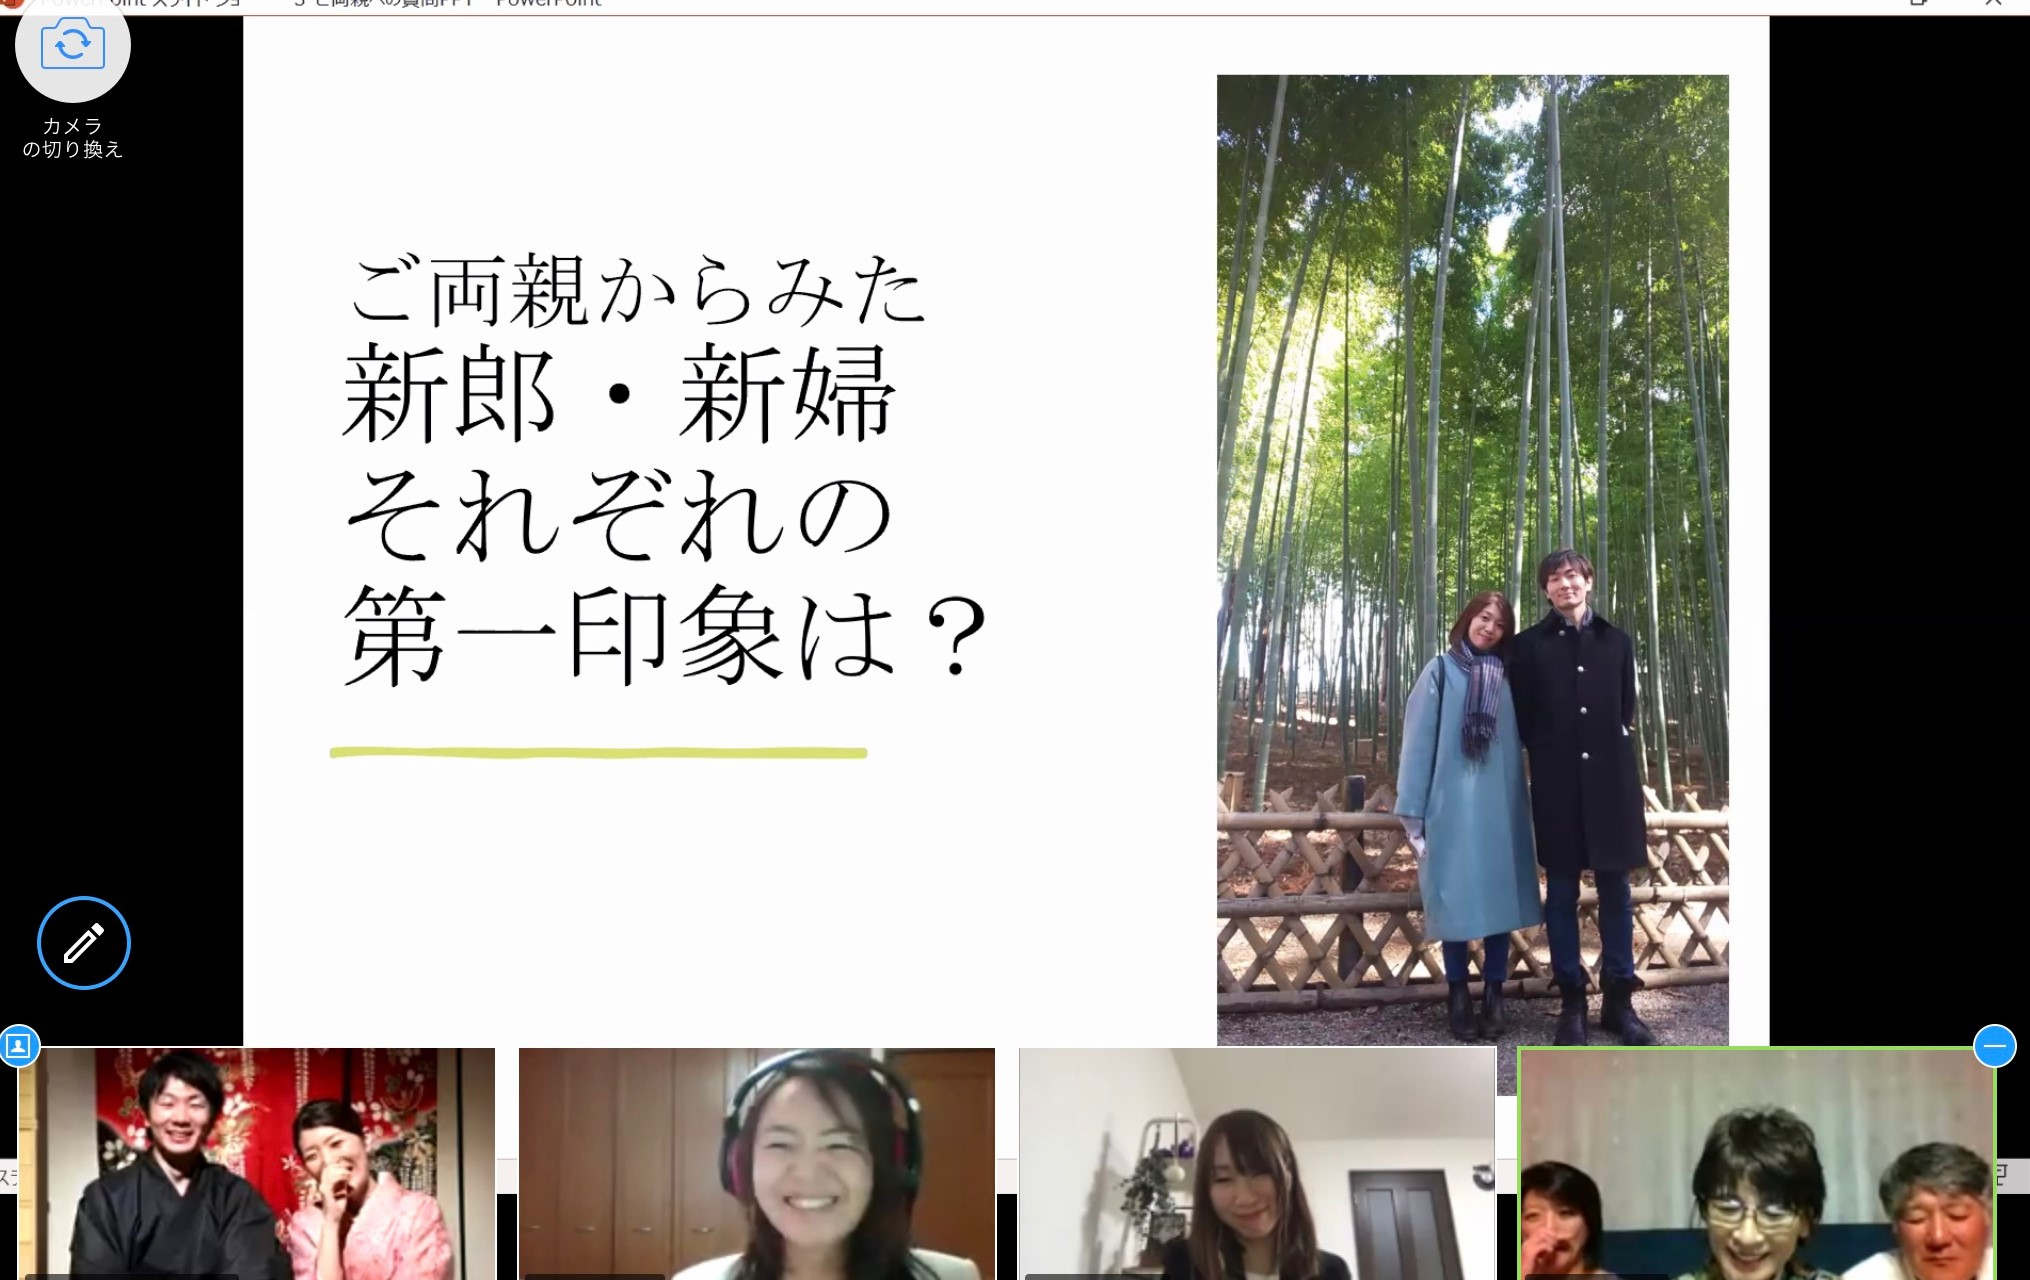 オンライン結婚式レポート①新郎新婦登場~人前式